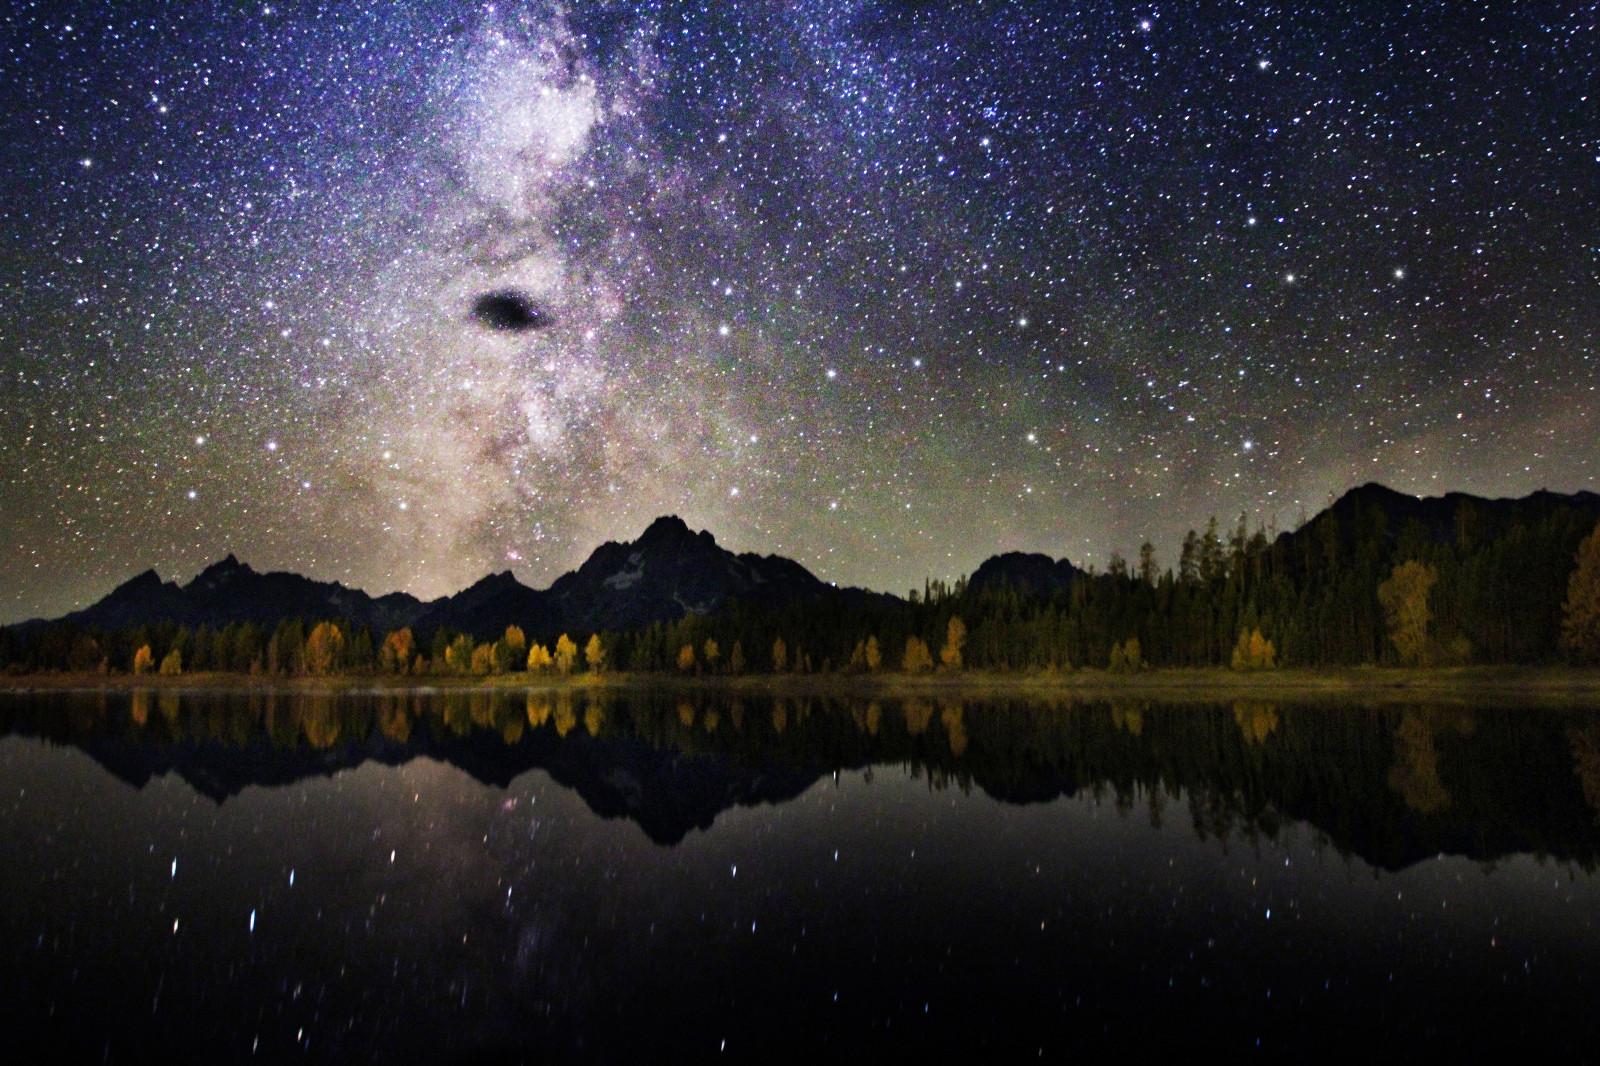 обработка фото ночного неба подковы мог возникнуть